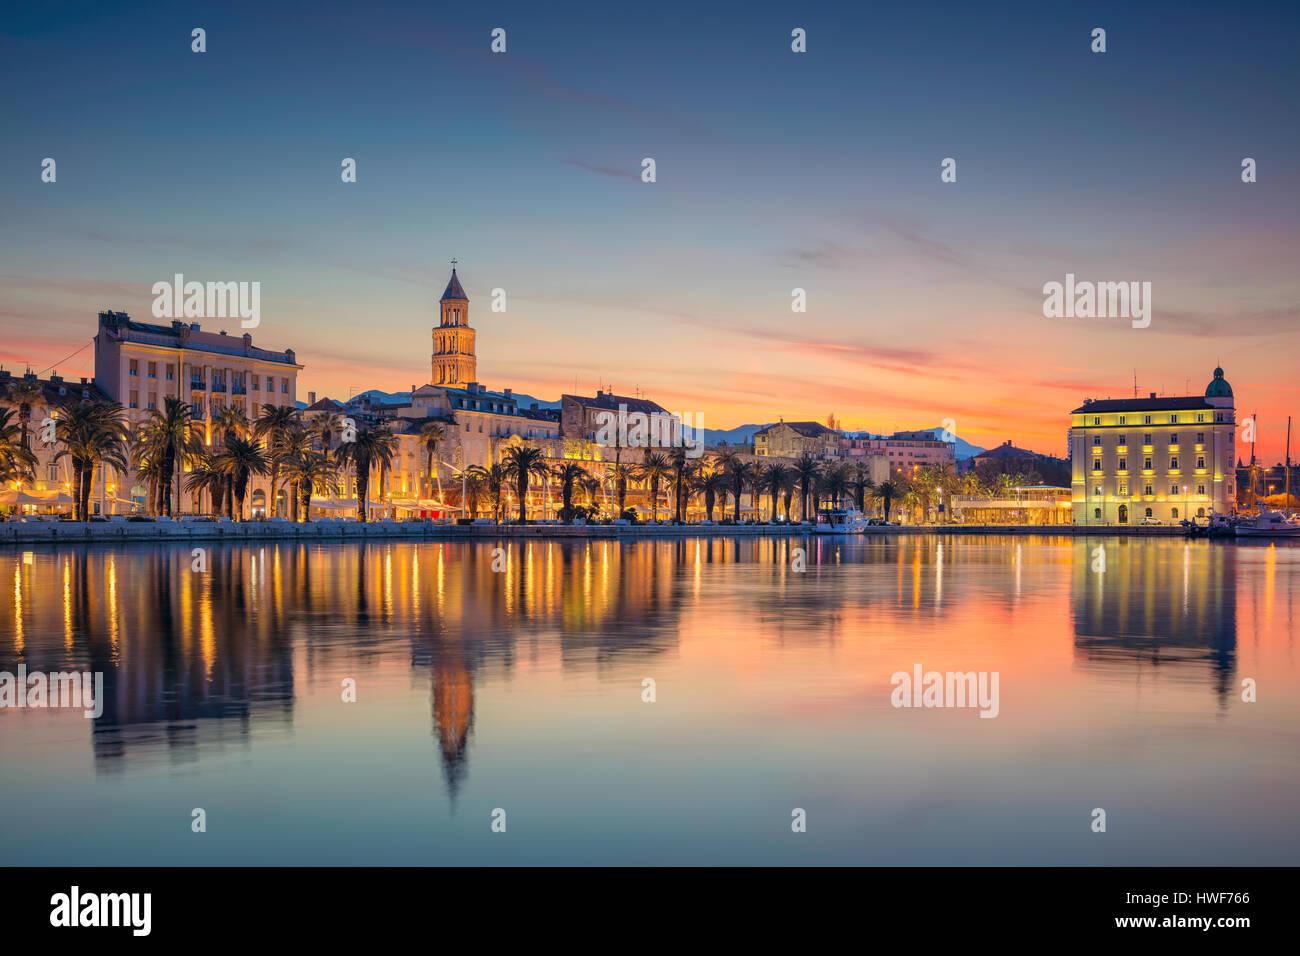 Split. Bonito y romántico casco antiguo de Split en bellos amaneceres. Croacia, Europa. Foto de stock